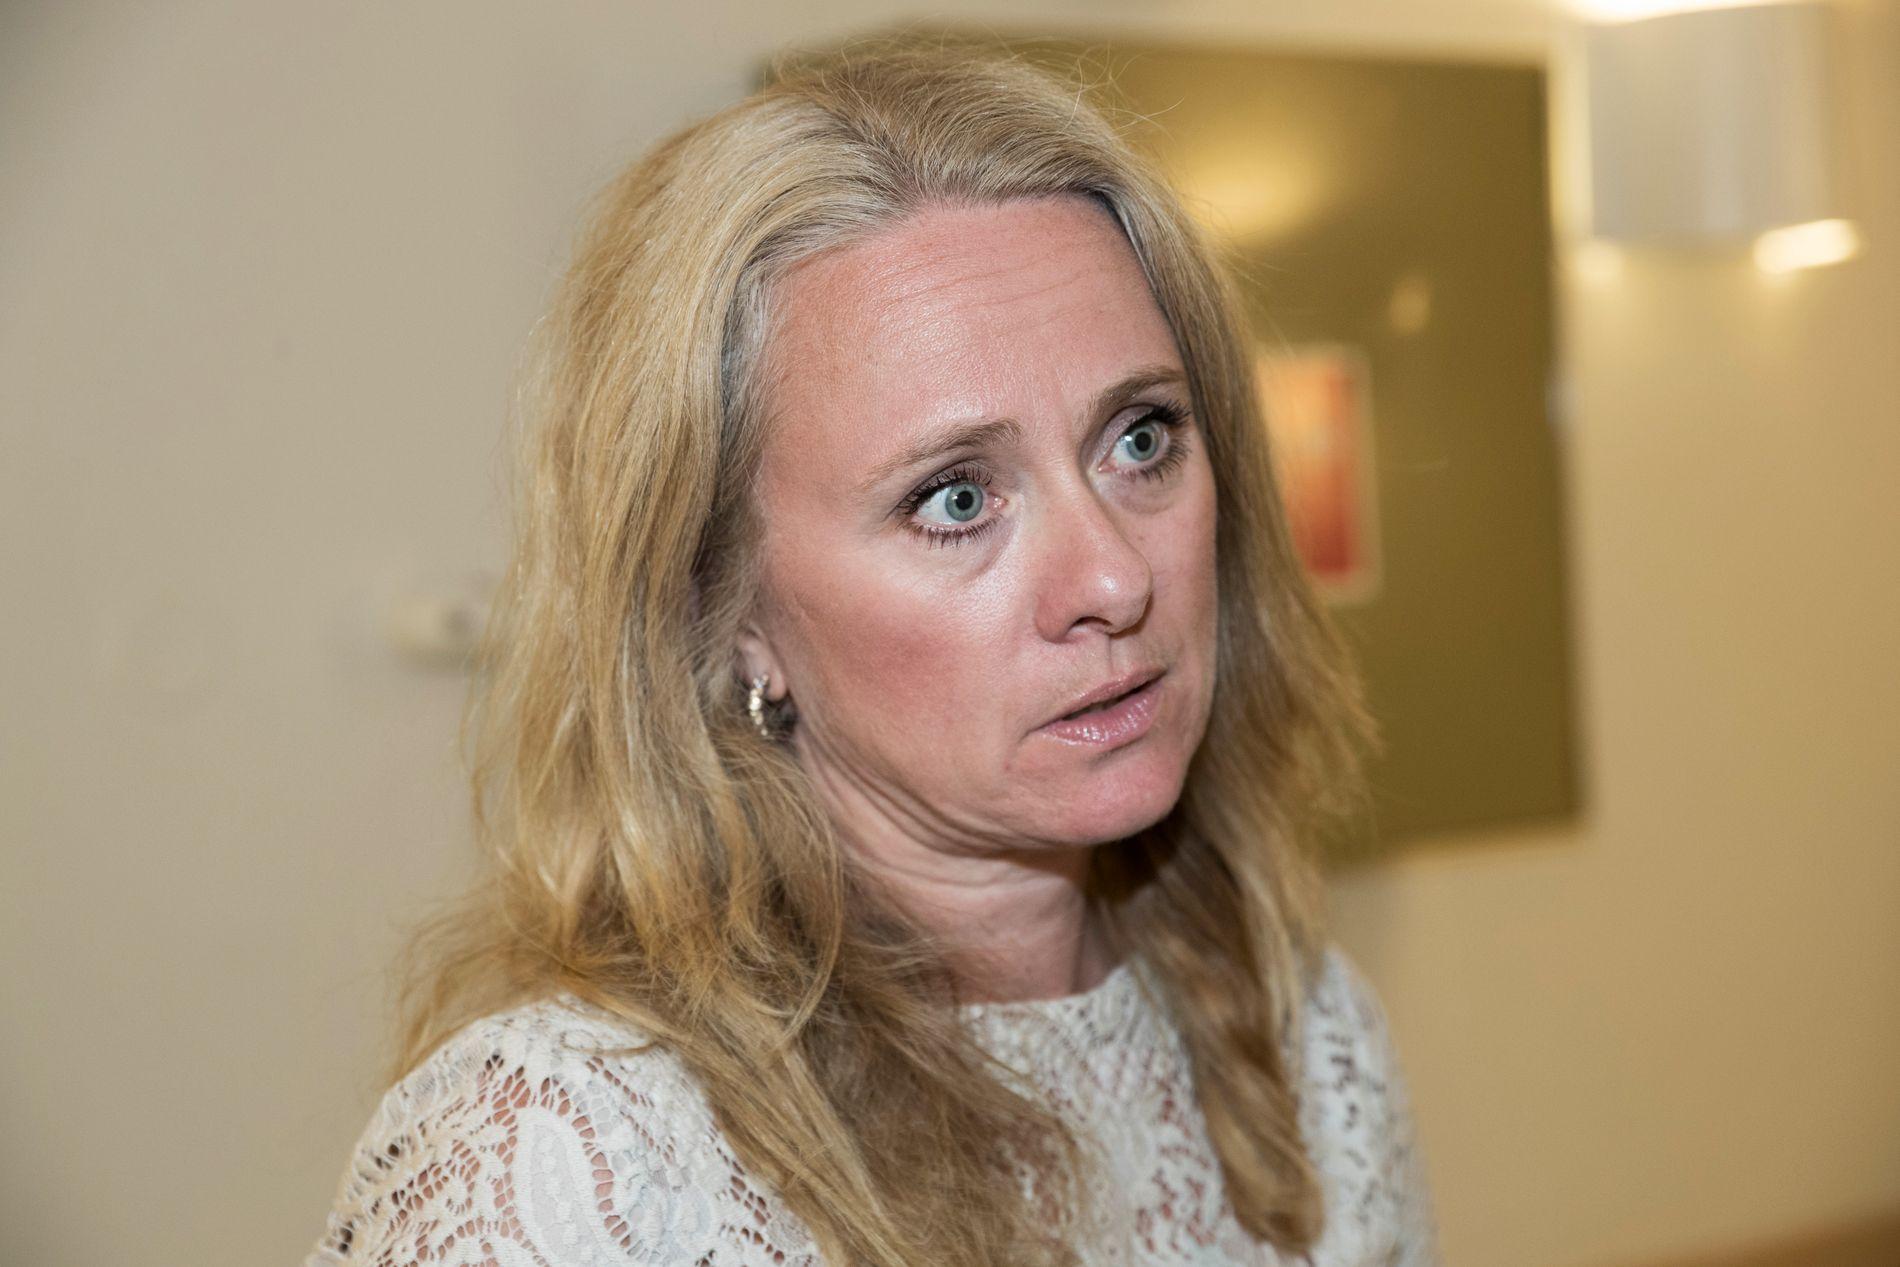 SKATTEN DIN: Arbeids- og sosialminister Anniken Hauglie (H) slår kraftig tilbake med skatteargumenter.